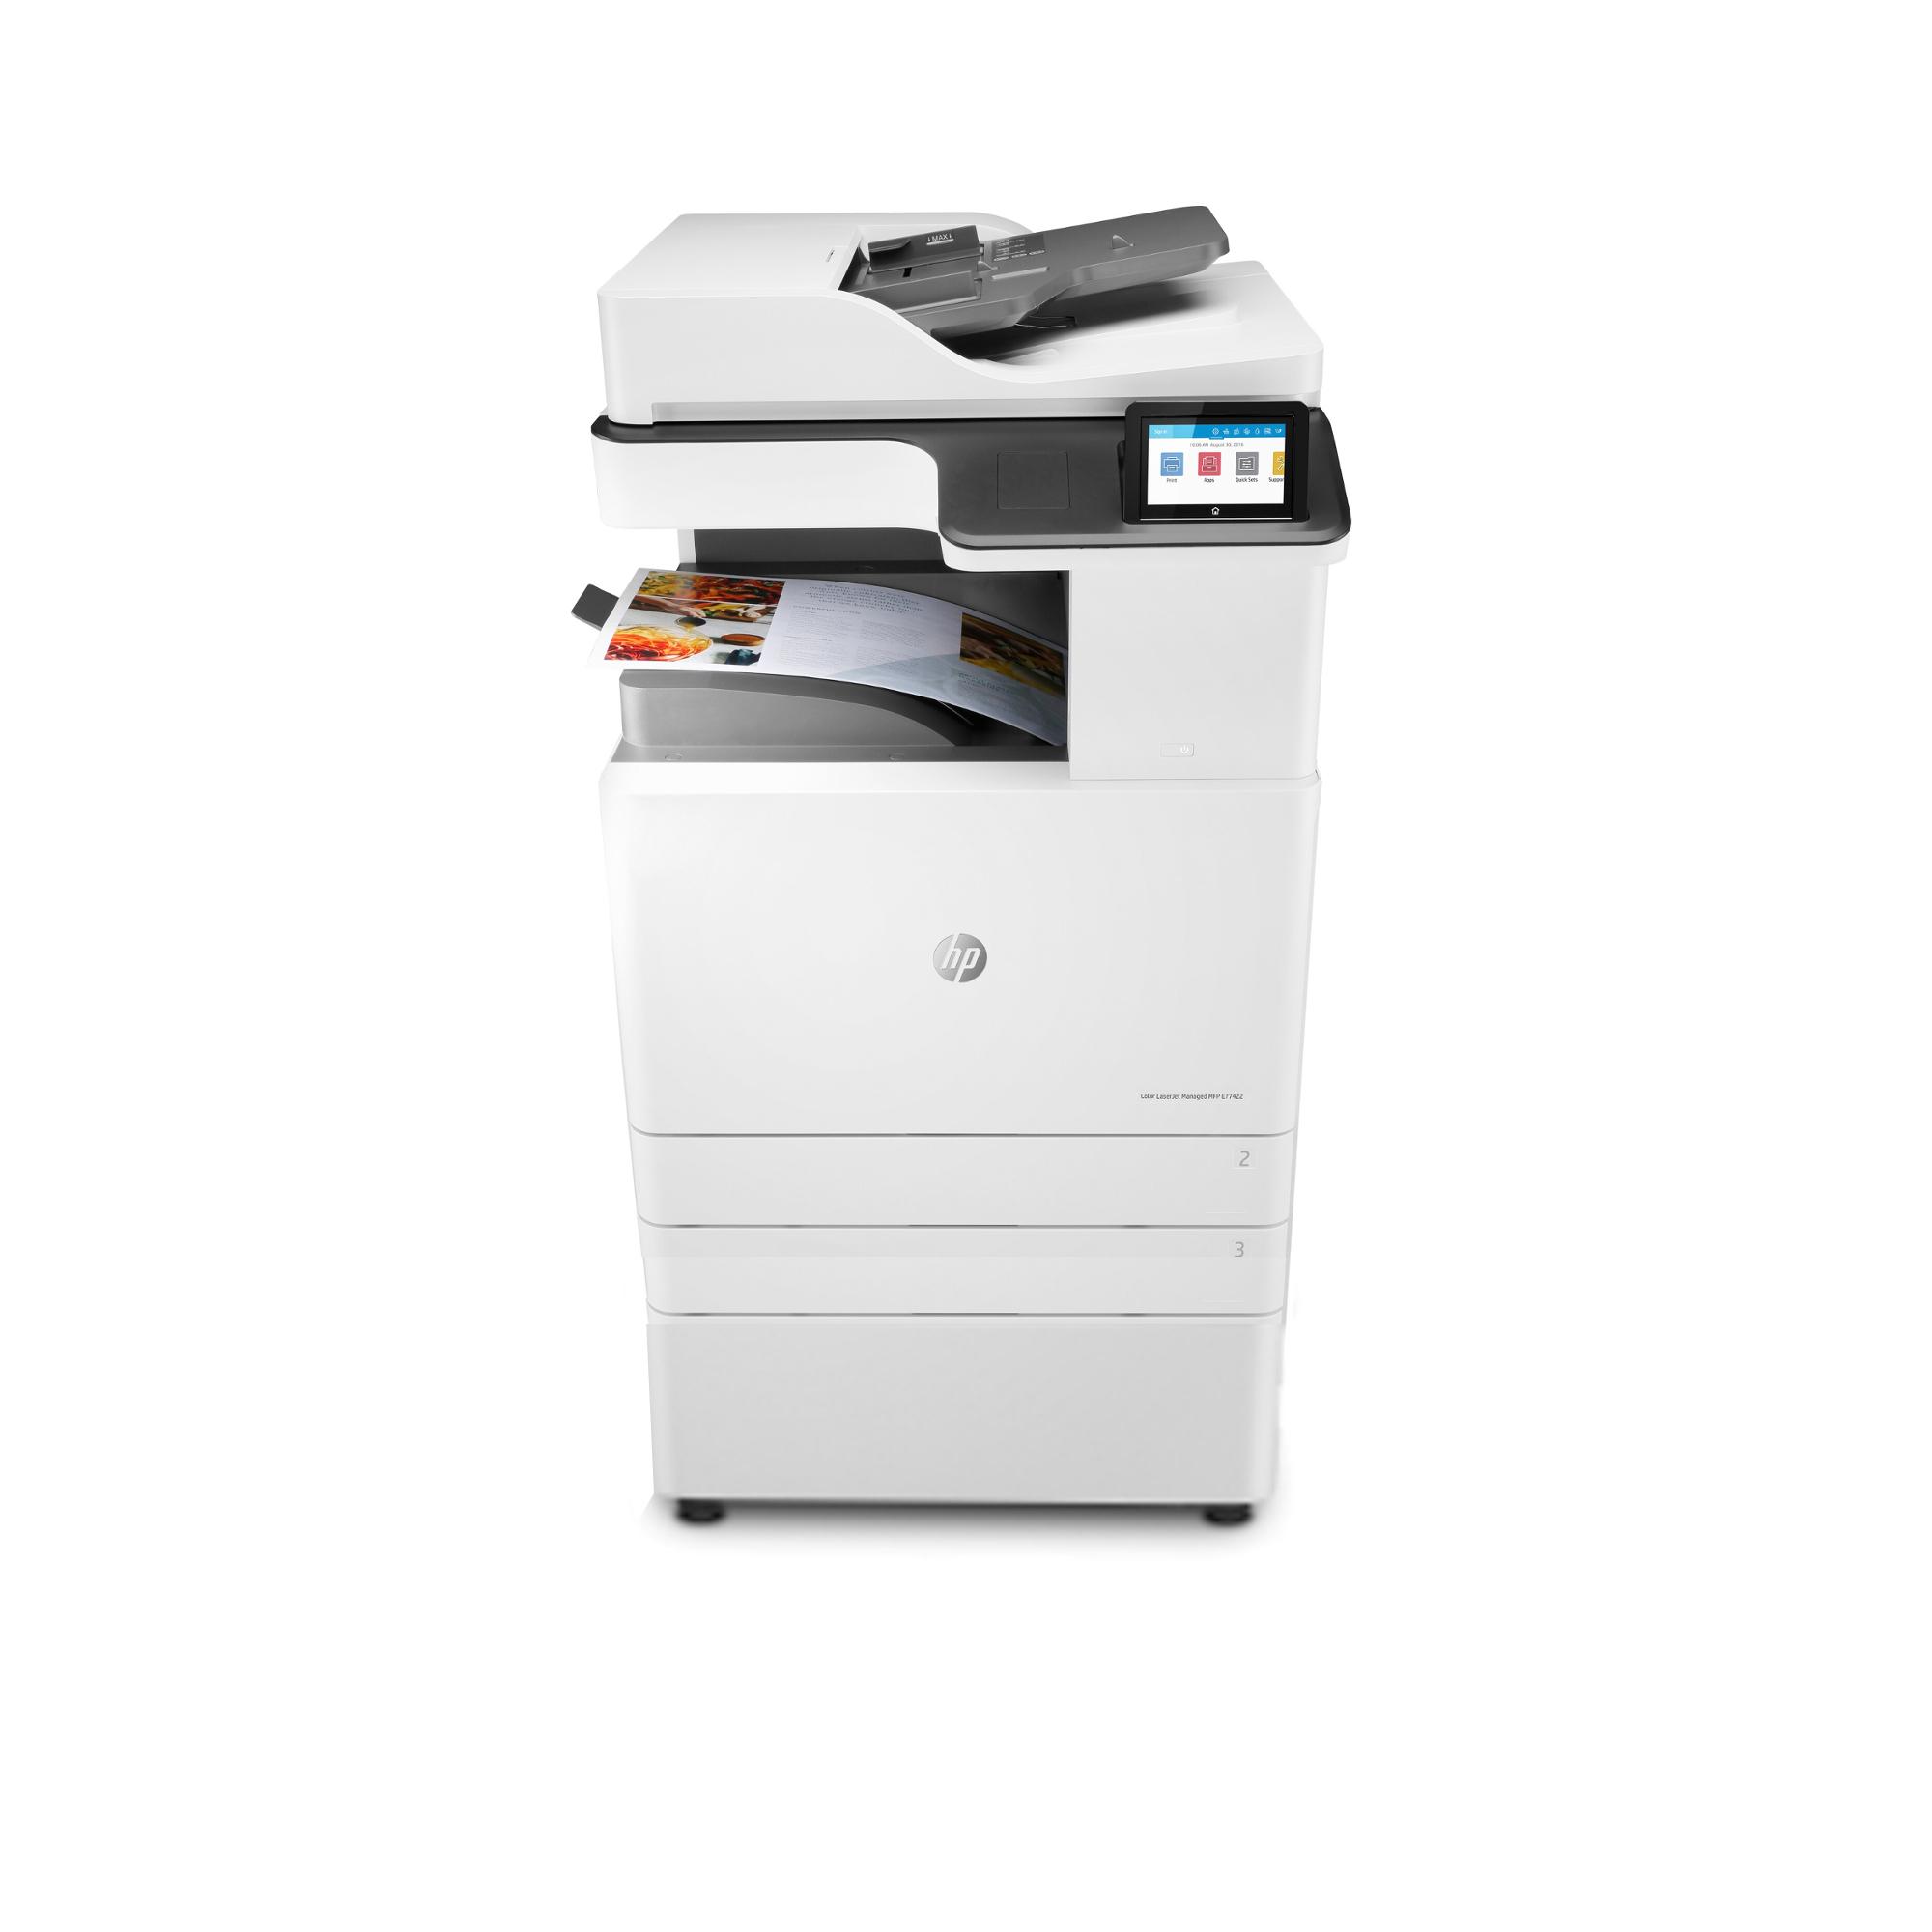 Noleggio Stampante Multifunzione HP LaserJet Managed E77422dv - Lyreco print services